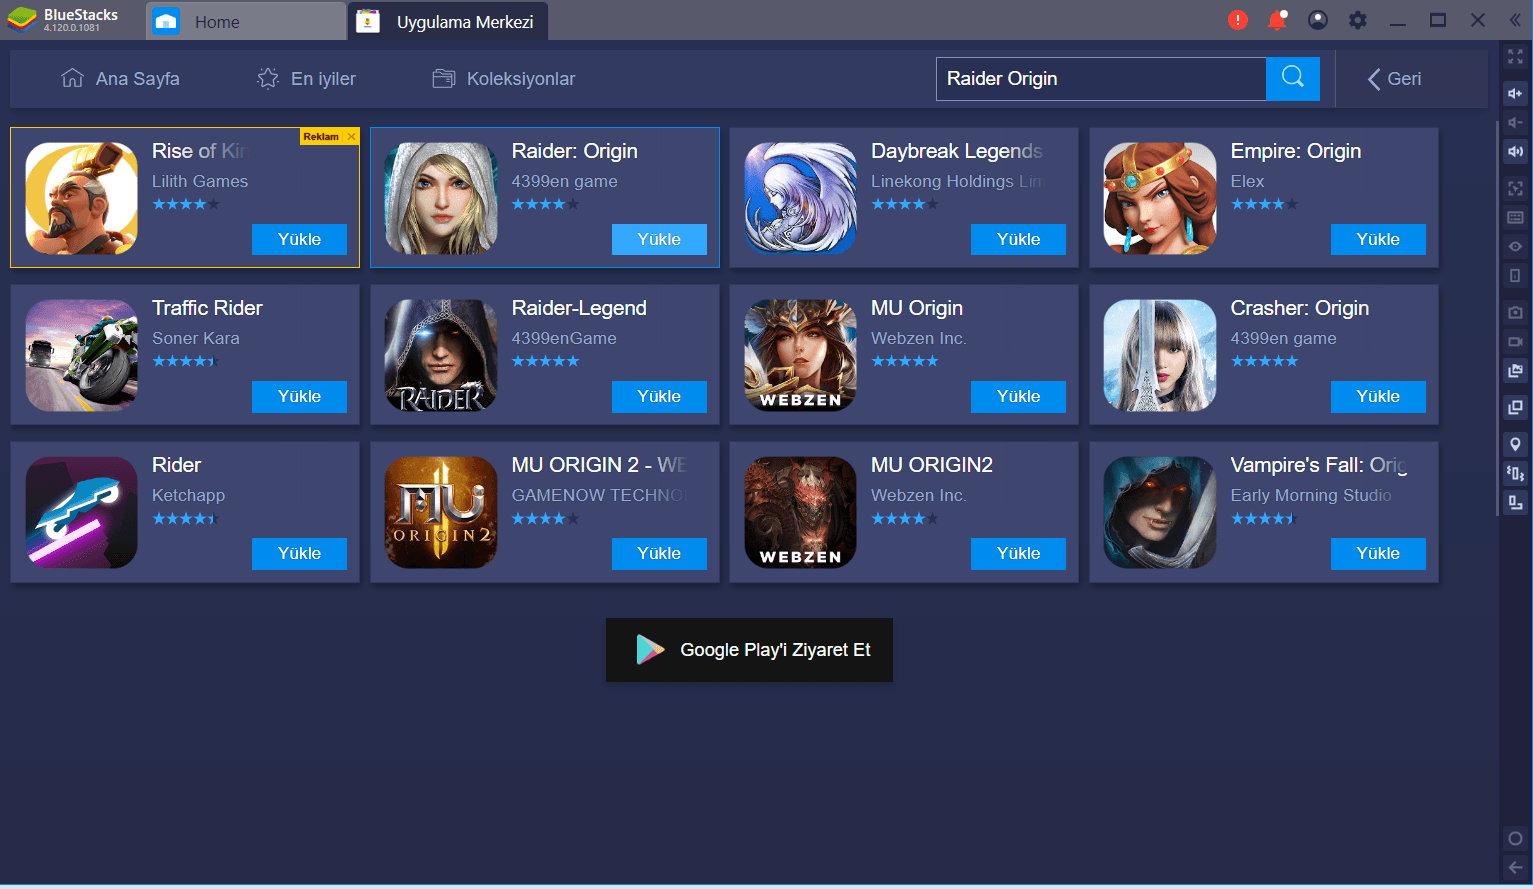 Raider Origin BlueStacks Kurulum ve Bilgisayar Yapılandırma Ayarları Rehberi